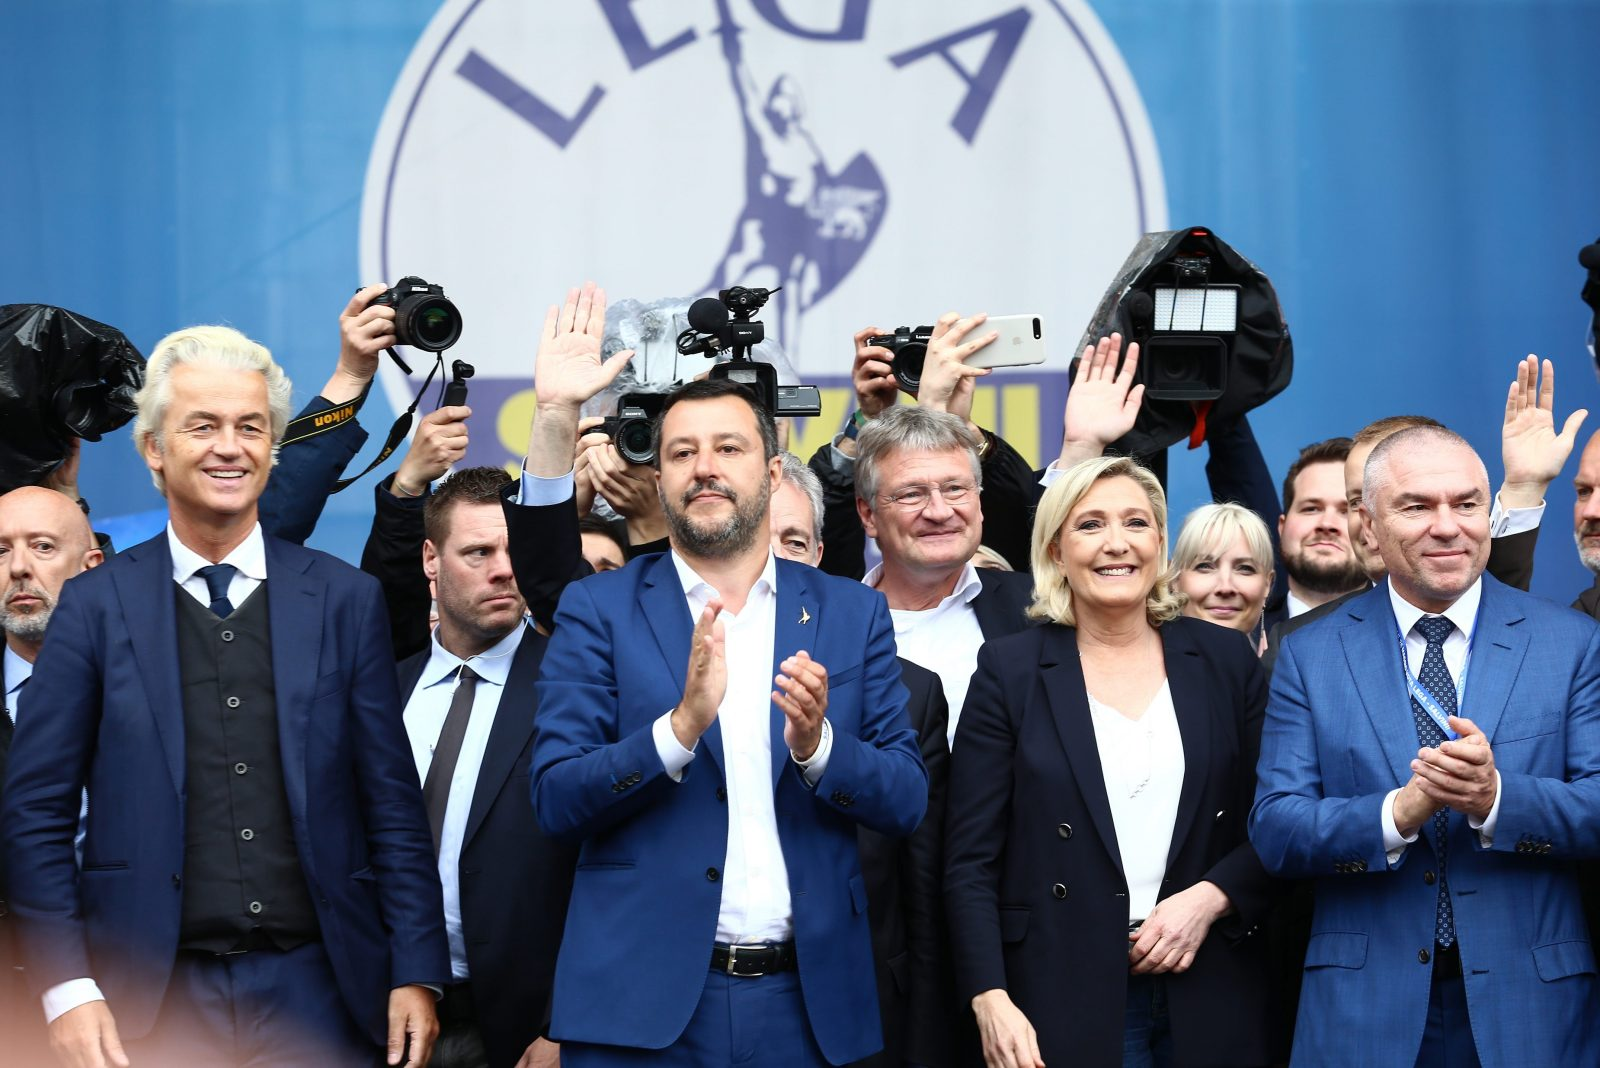 Vertreter der europäischen Rechten in Mailand im Mai 2019.